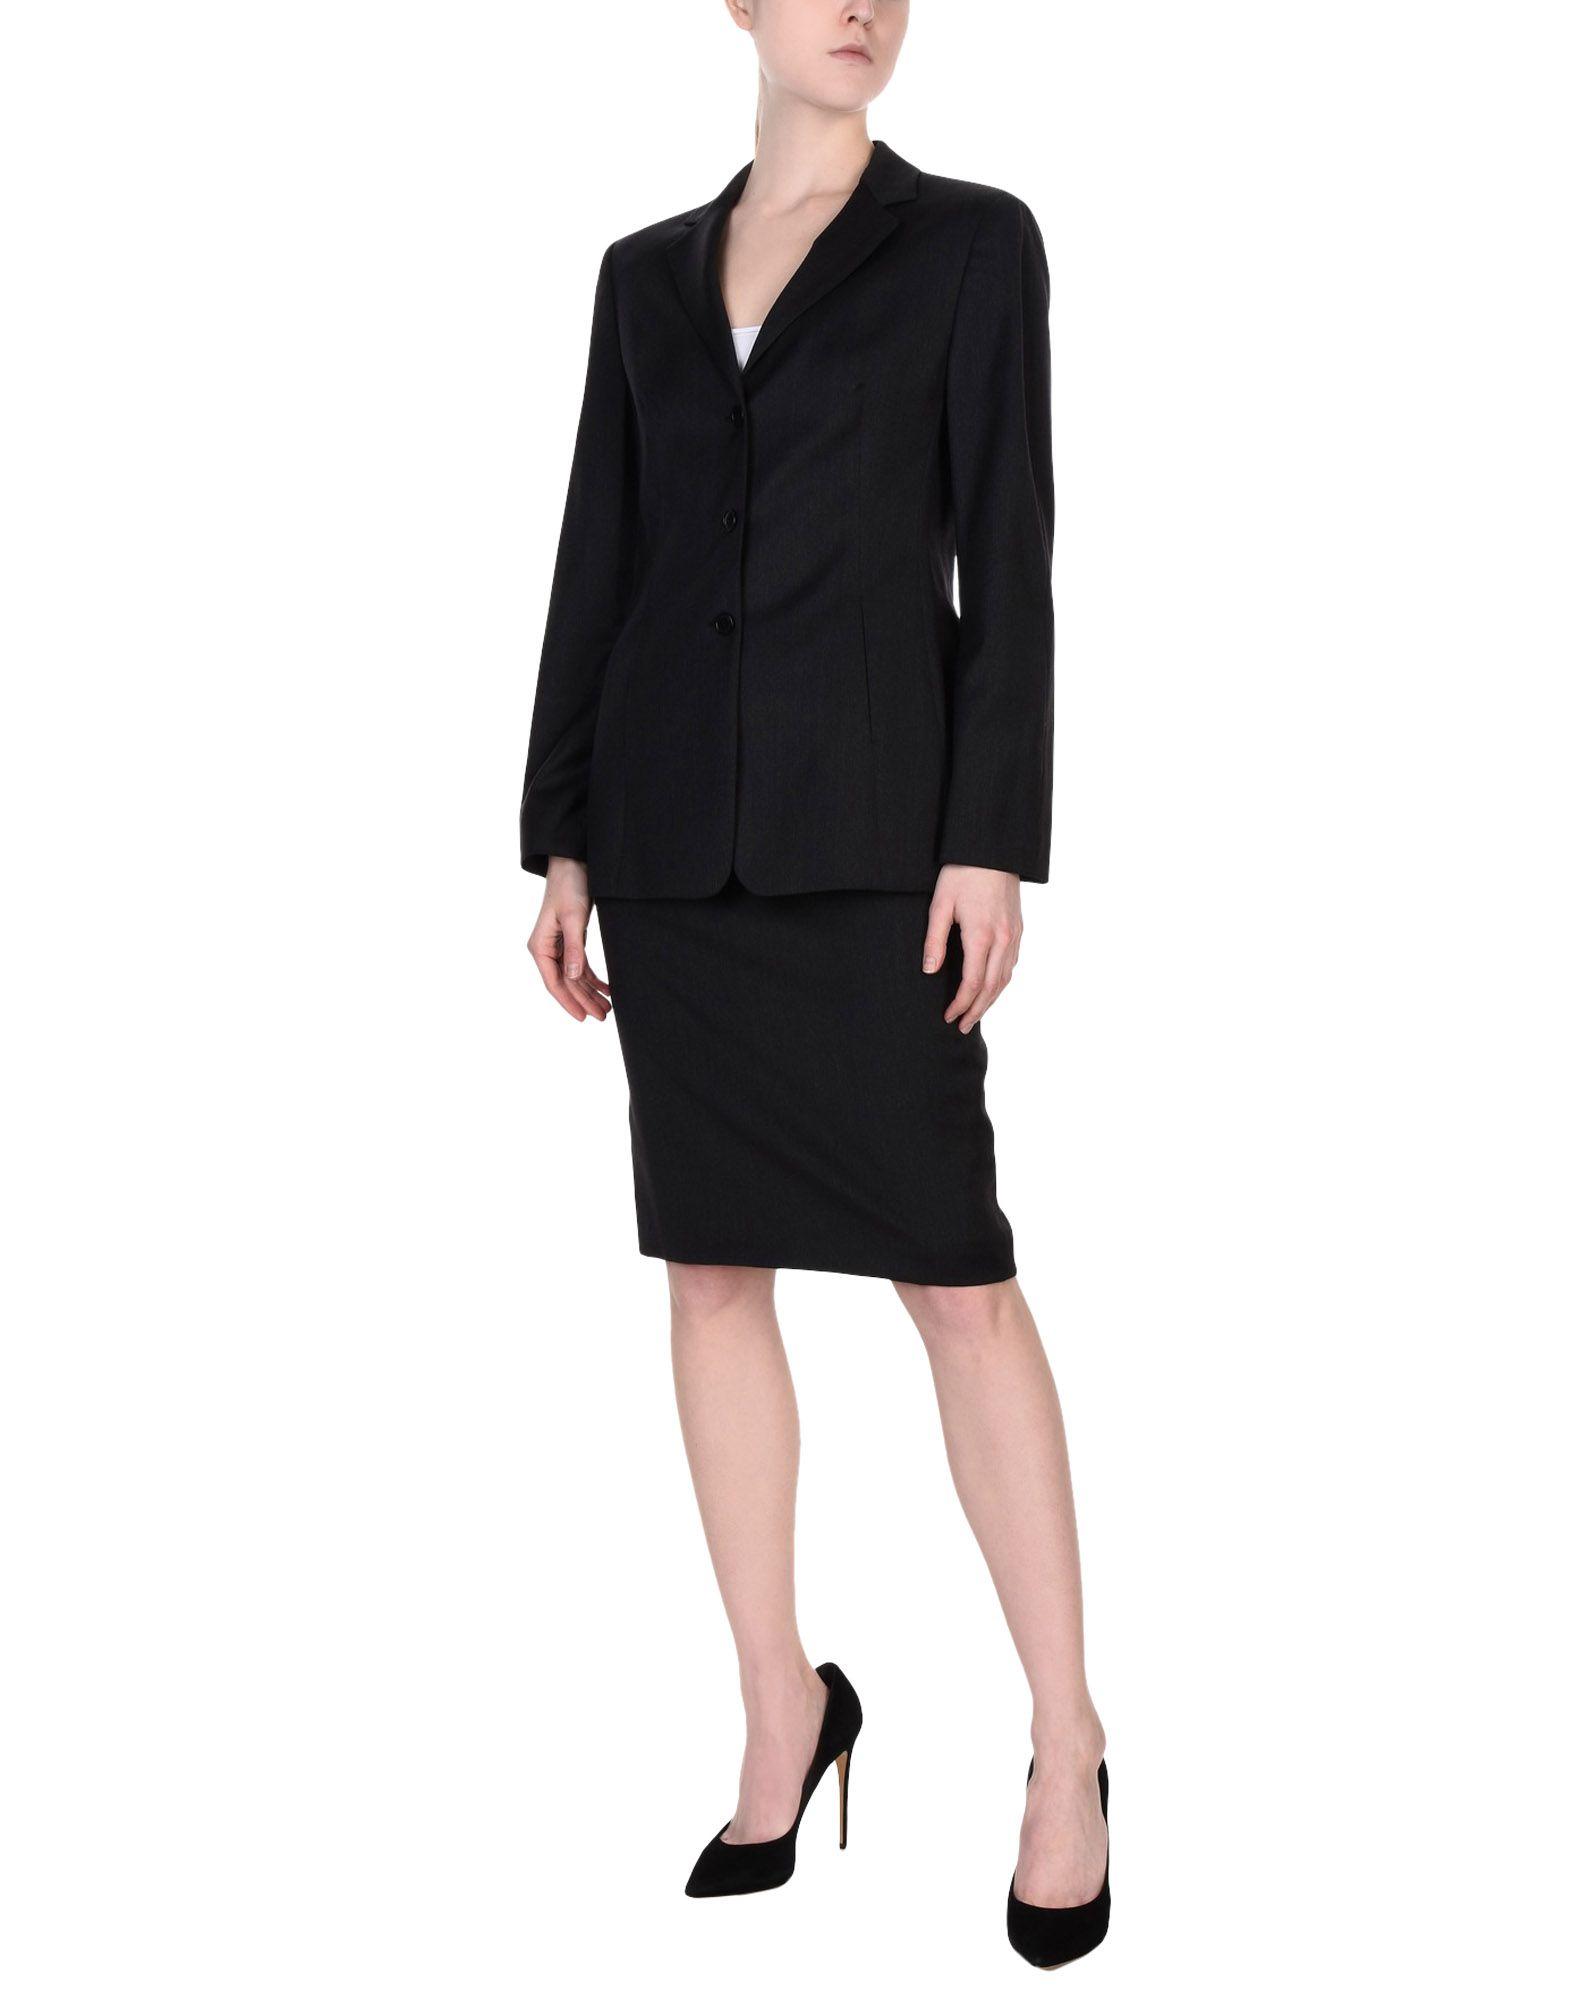 BALLANTYNE Классический костюм классический галстук аксессуар robe длинные tie костюм диагональные полосы терилен